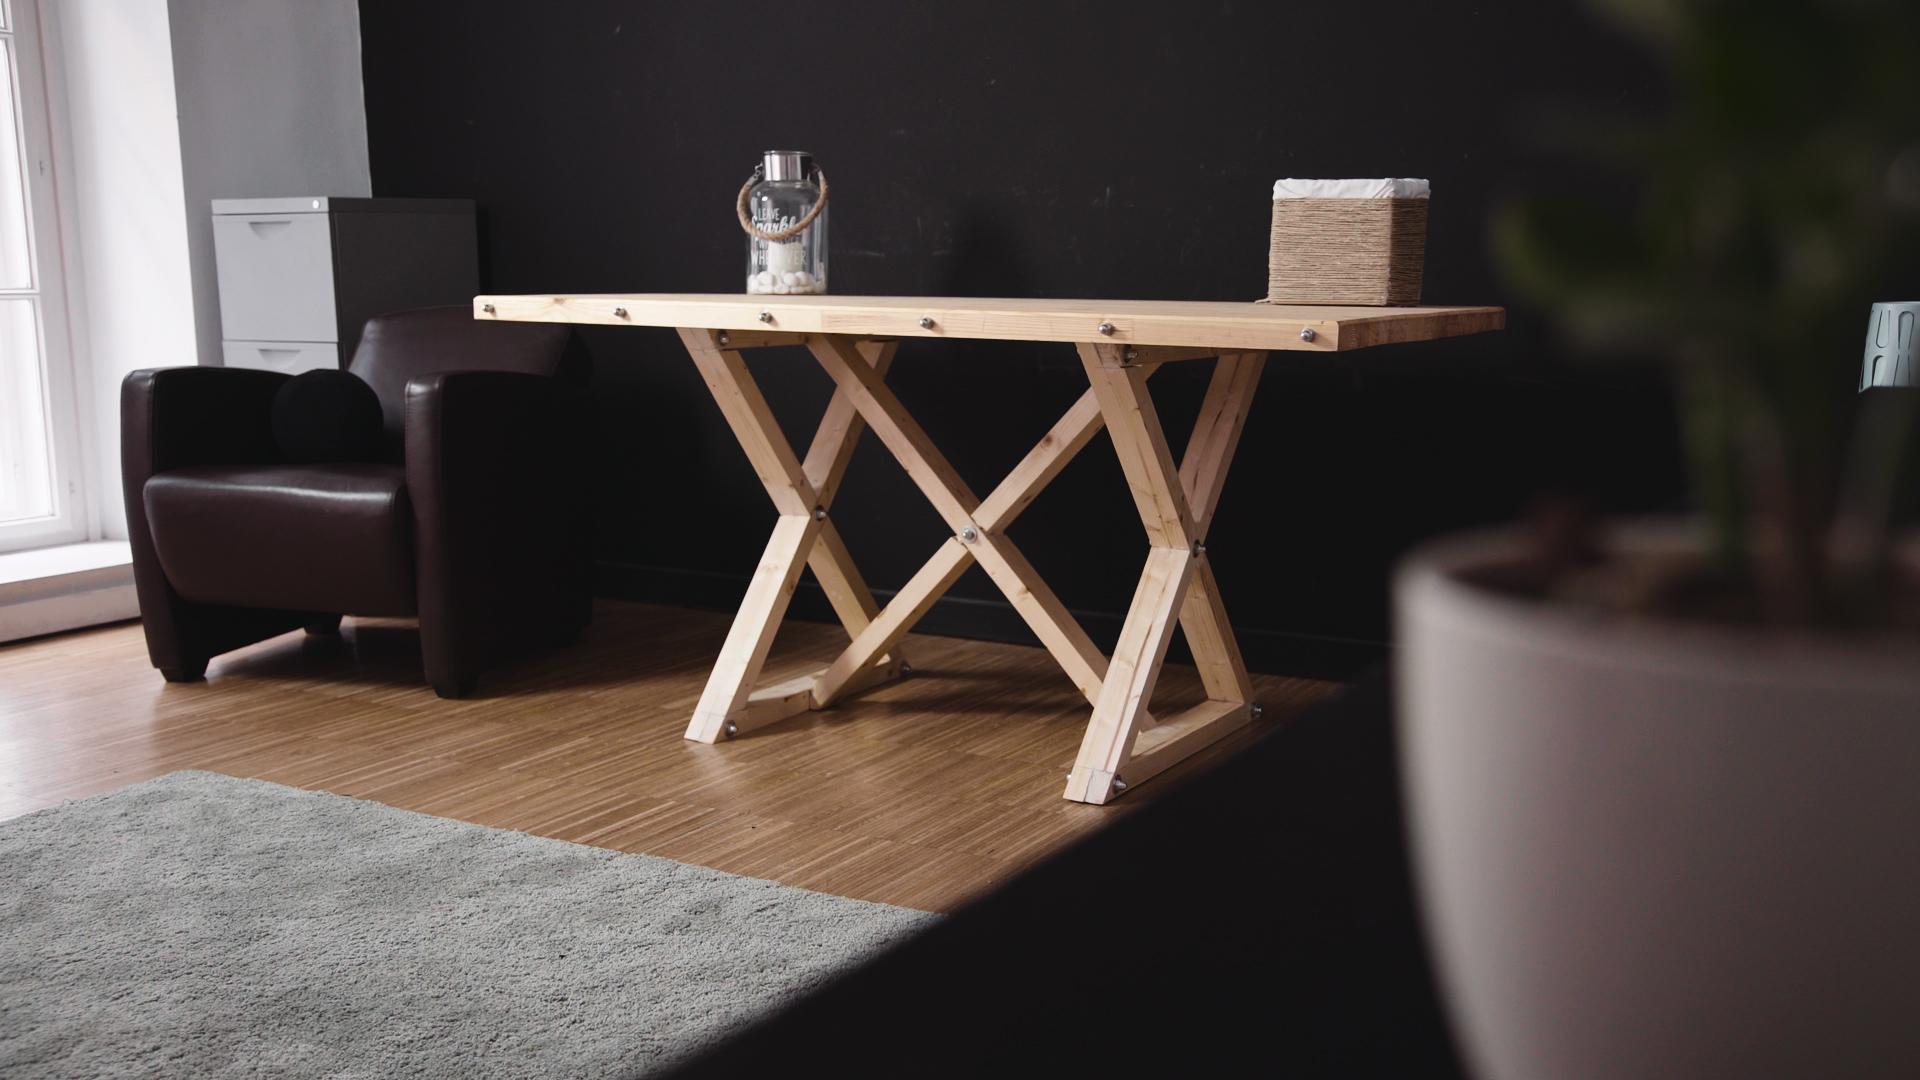 Így készíts szuperstabil tömör fa asztalt házilag! -  videó